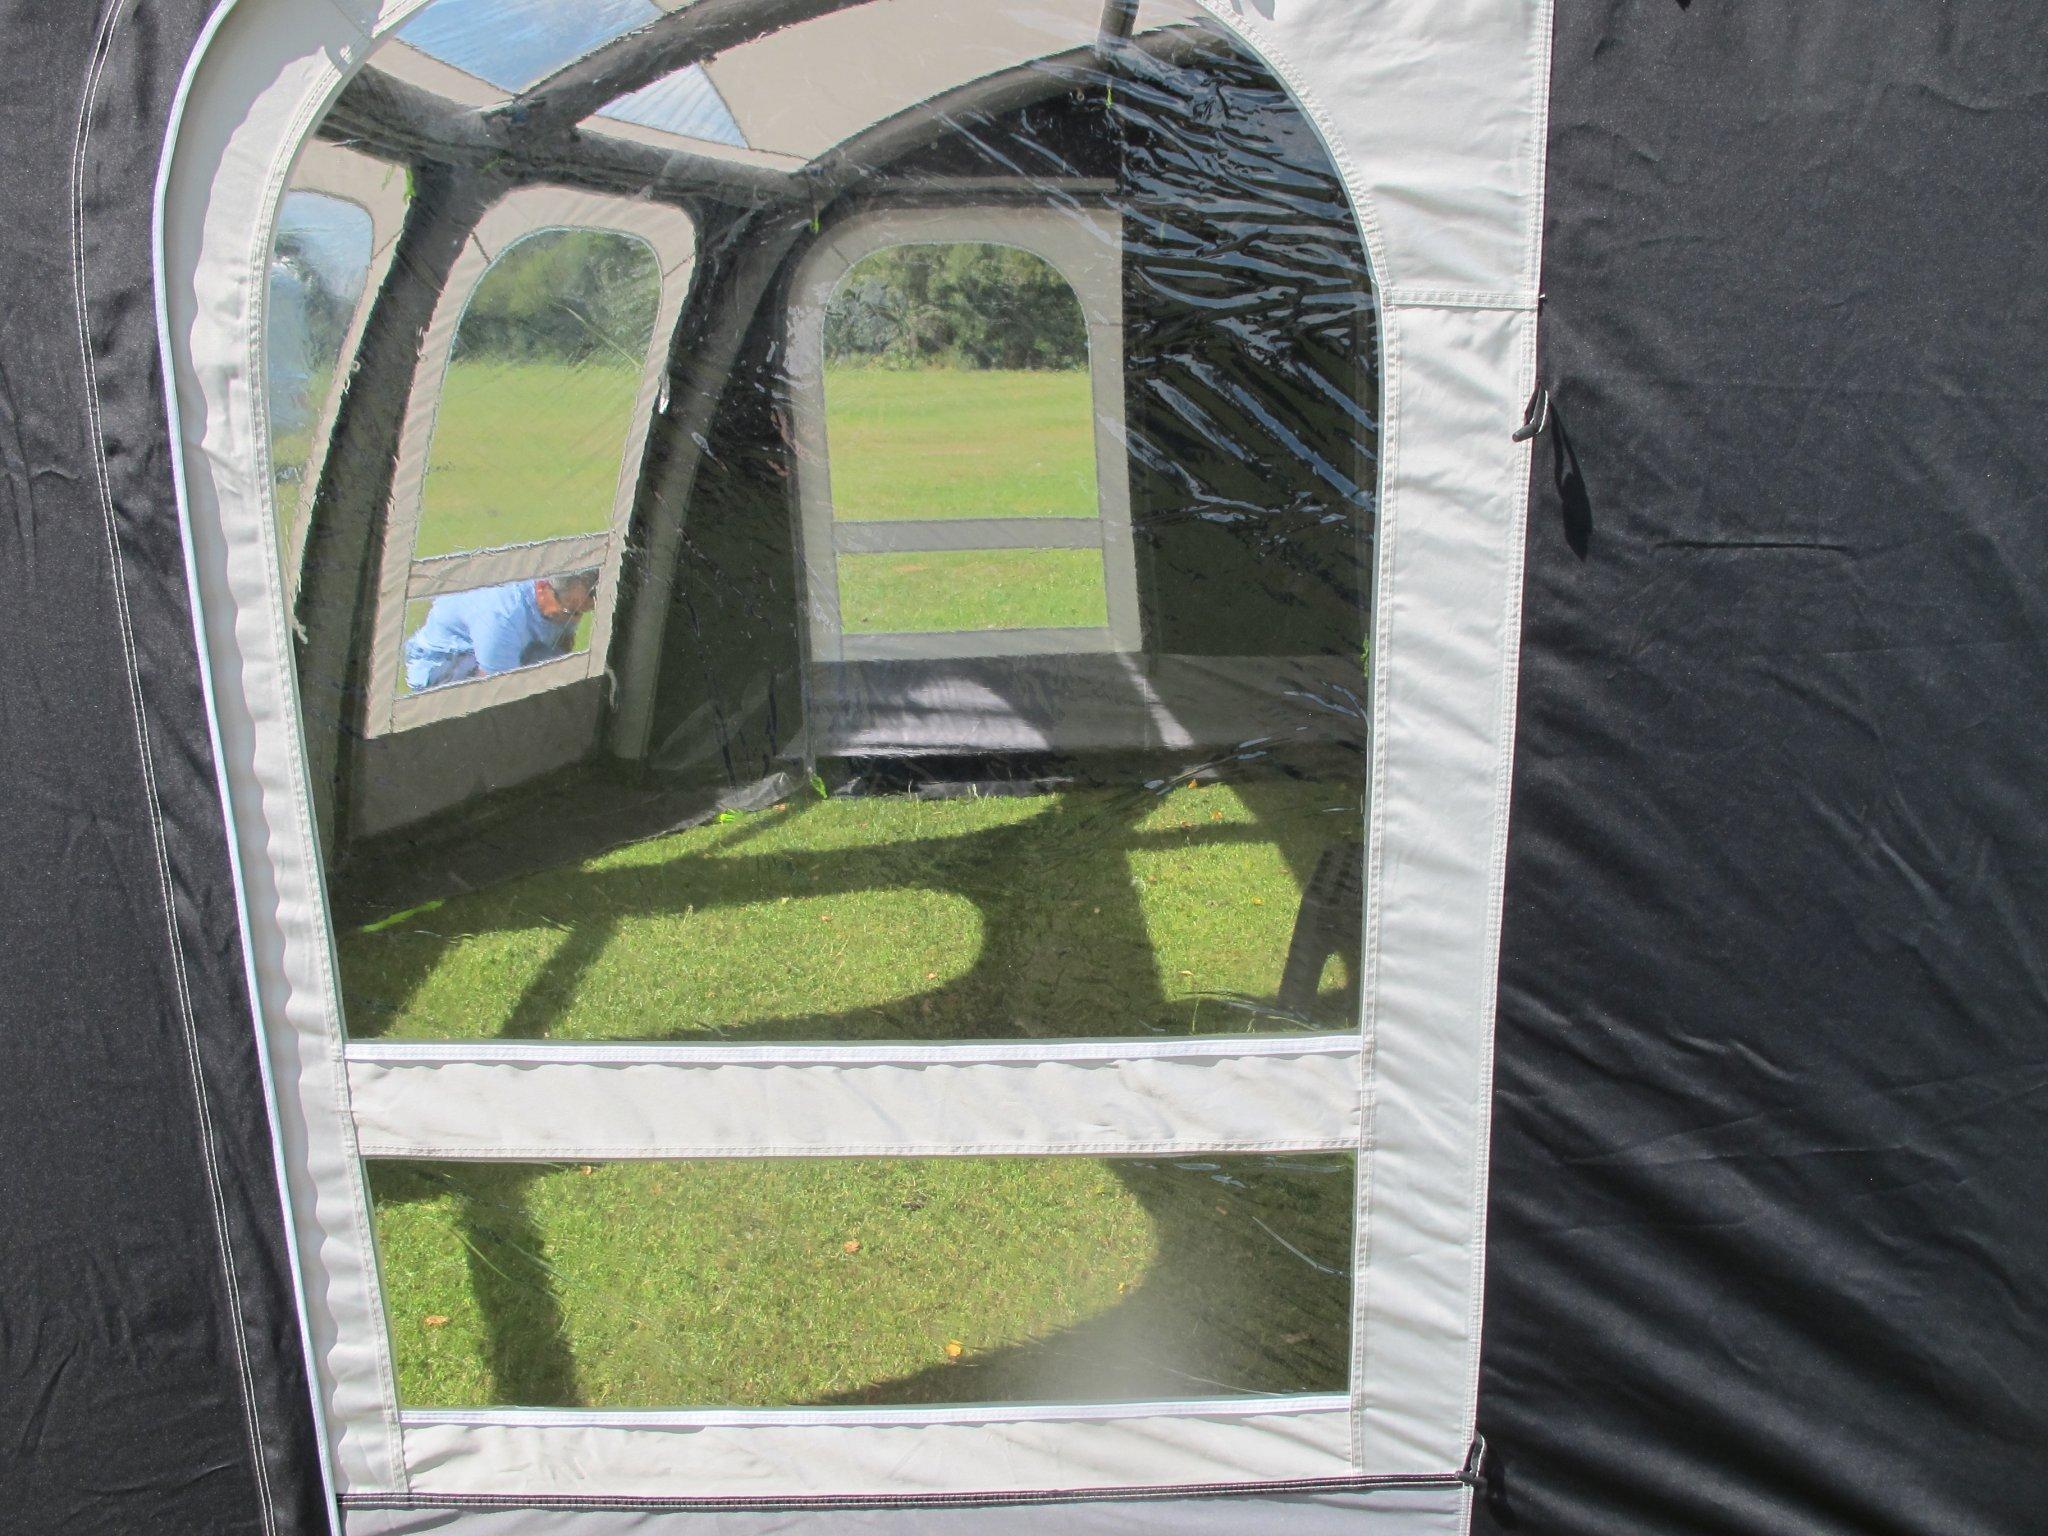 Kampa Ace Air Pro 400 (2017) Inflatable Caravan Awning 2